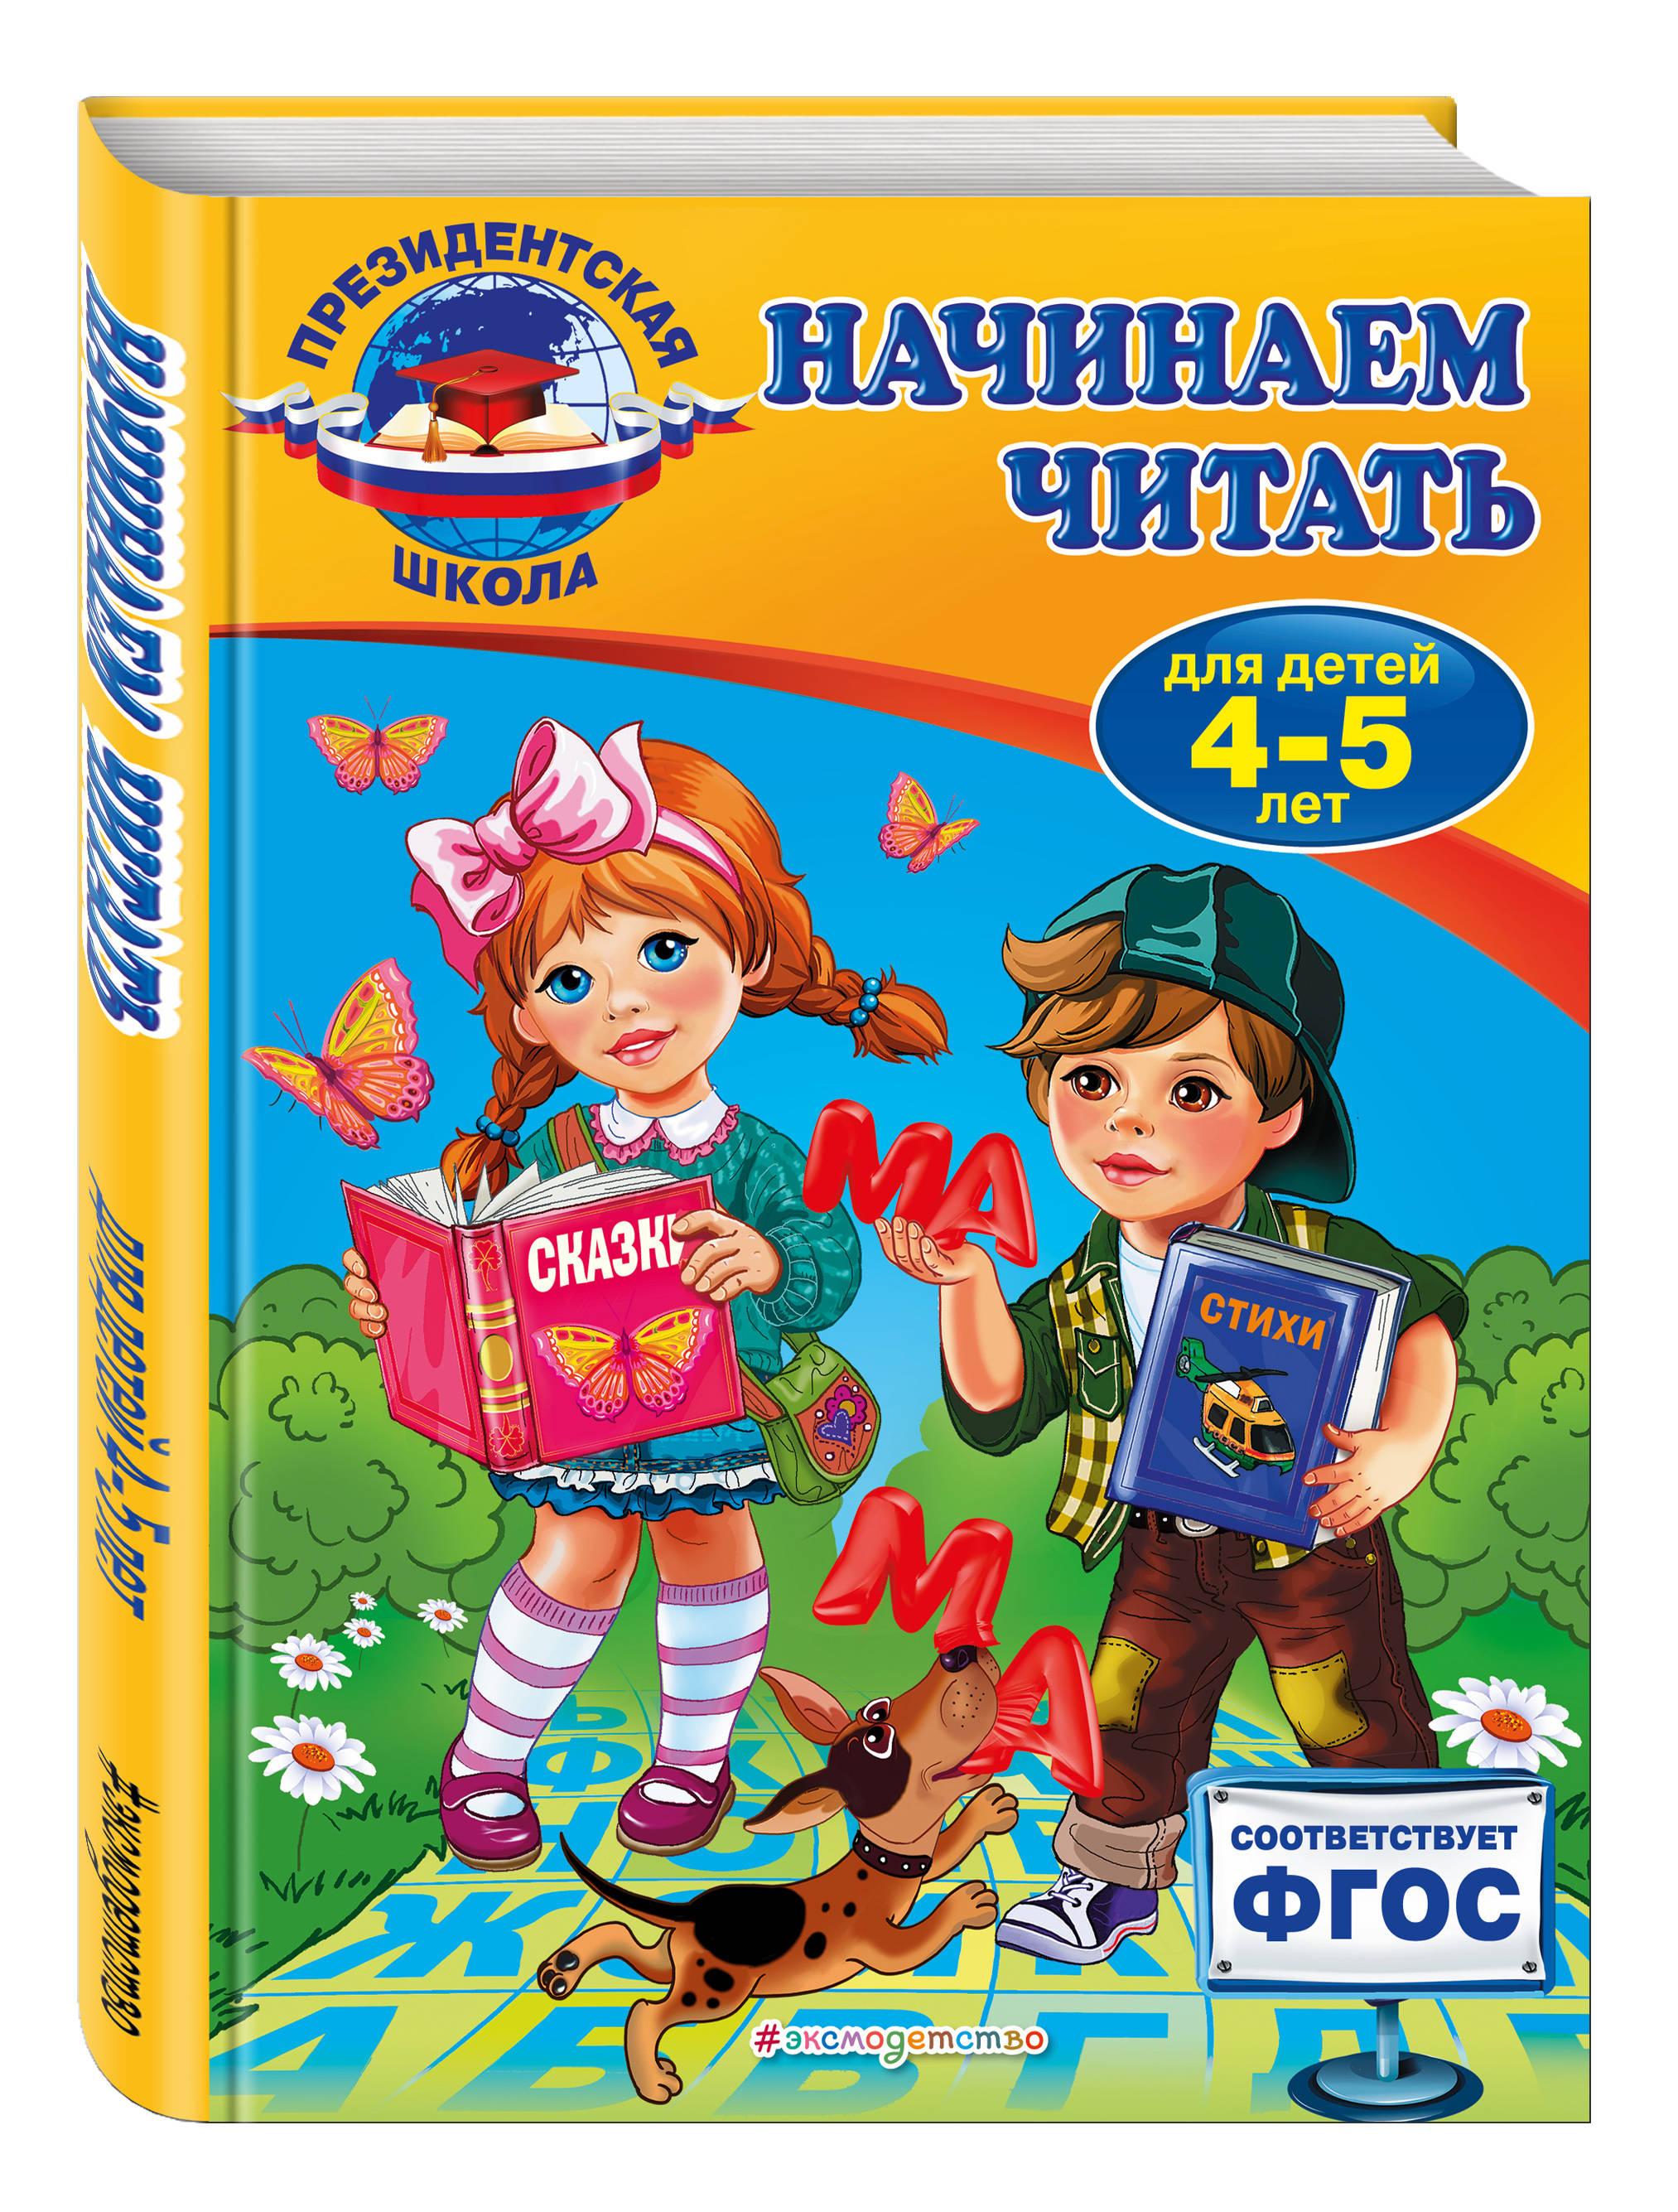 Пономарева А.В. Начинаем читать: для детей 4-5 лет познаю мир для одаренных детей 4 5 лет